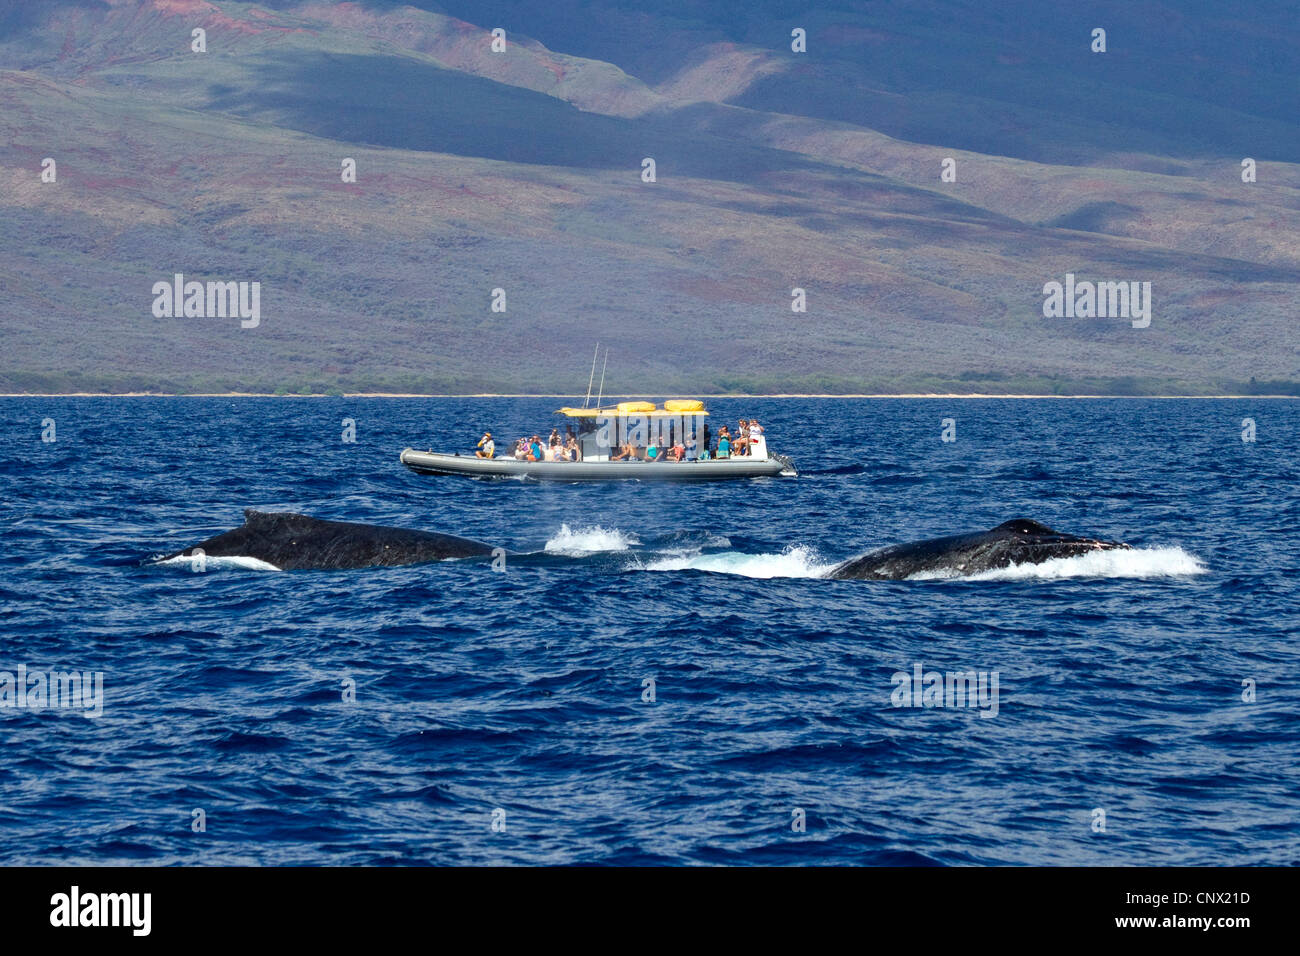 humpback whale (Megaptera novaeangliae), Whale Watching, tourist boat beside twi whales, USA, Hawaii, Maui - Stock Image